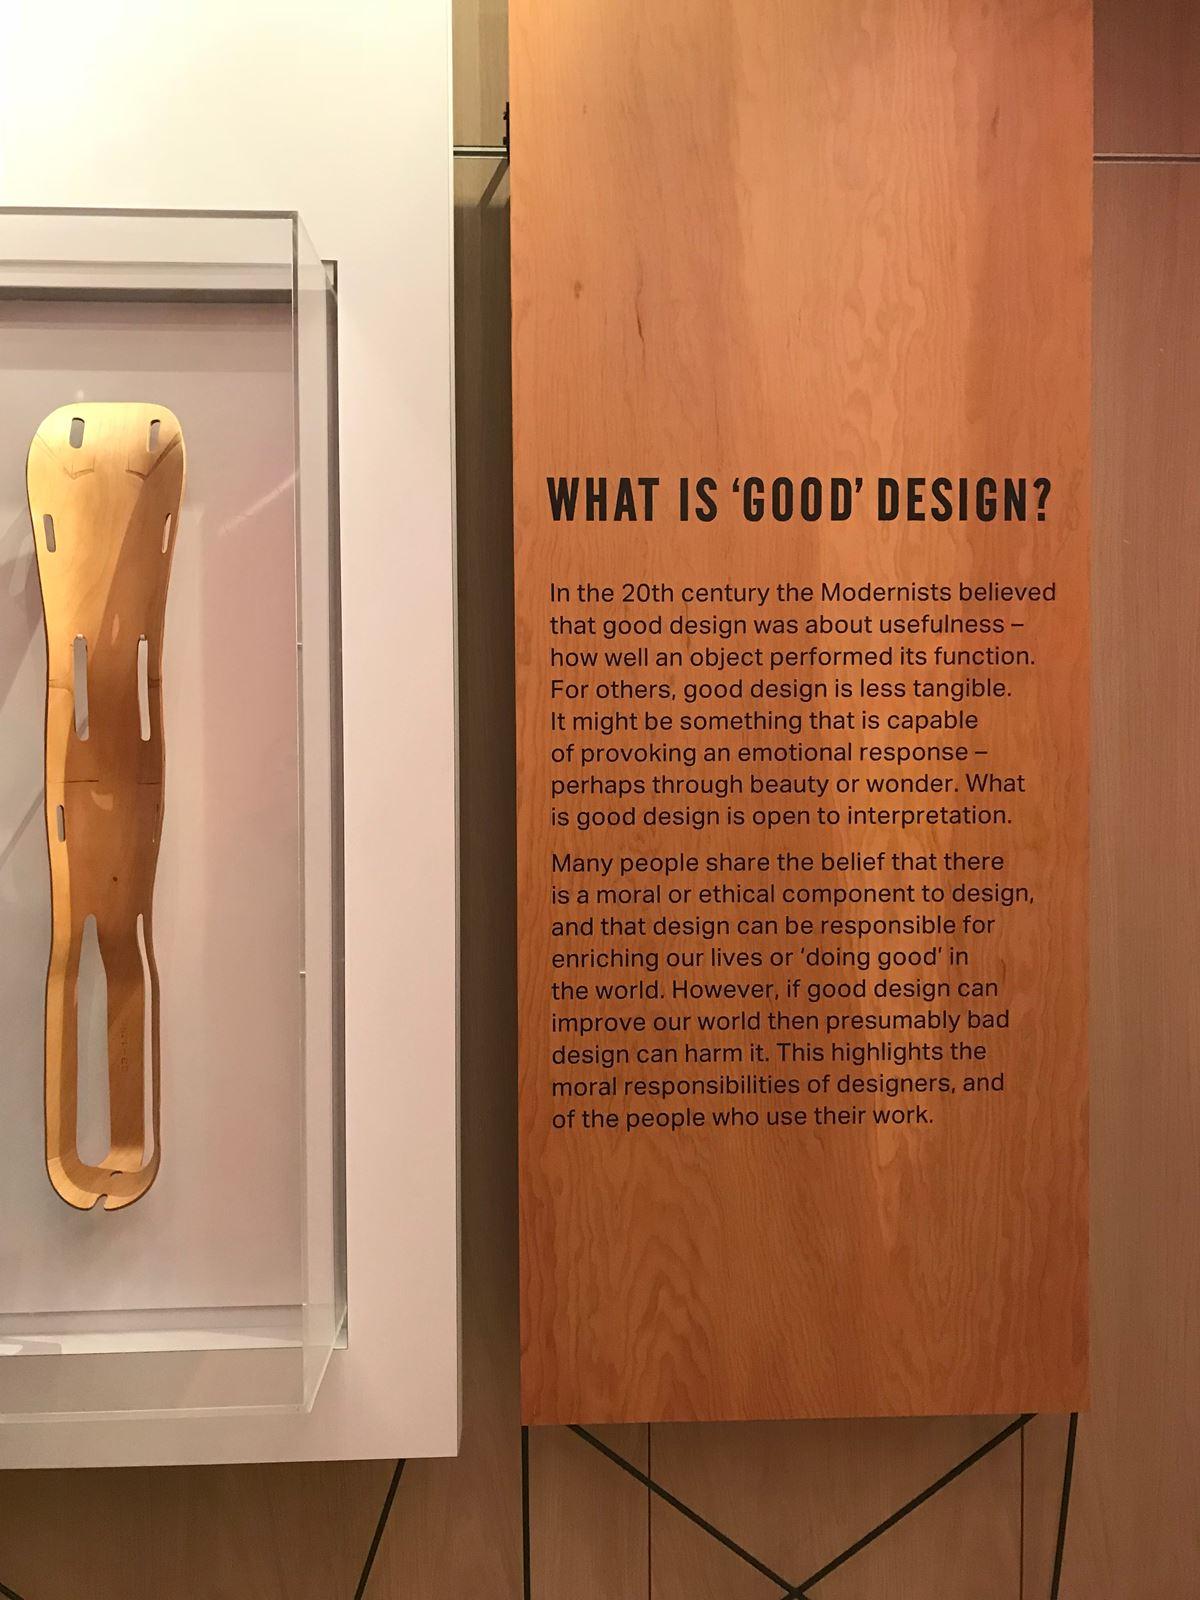 '좋은 디자인은 무엇인가'하는 질문은 언제나 고민해야 한다. 특별히 디자이너의 입장, 생산자의 입장 그리고 사용자의 입장에서 좋은 디자인은 무엇인지에 대해 생각해볼 일이다. ©김병수